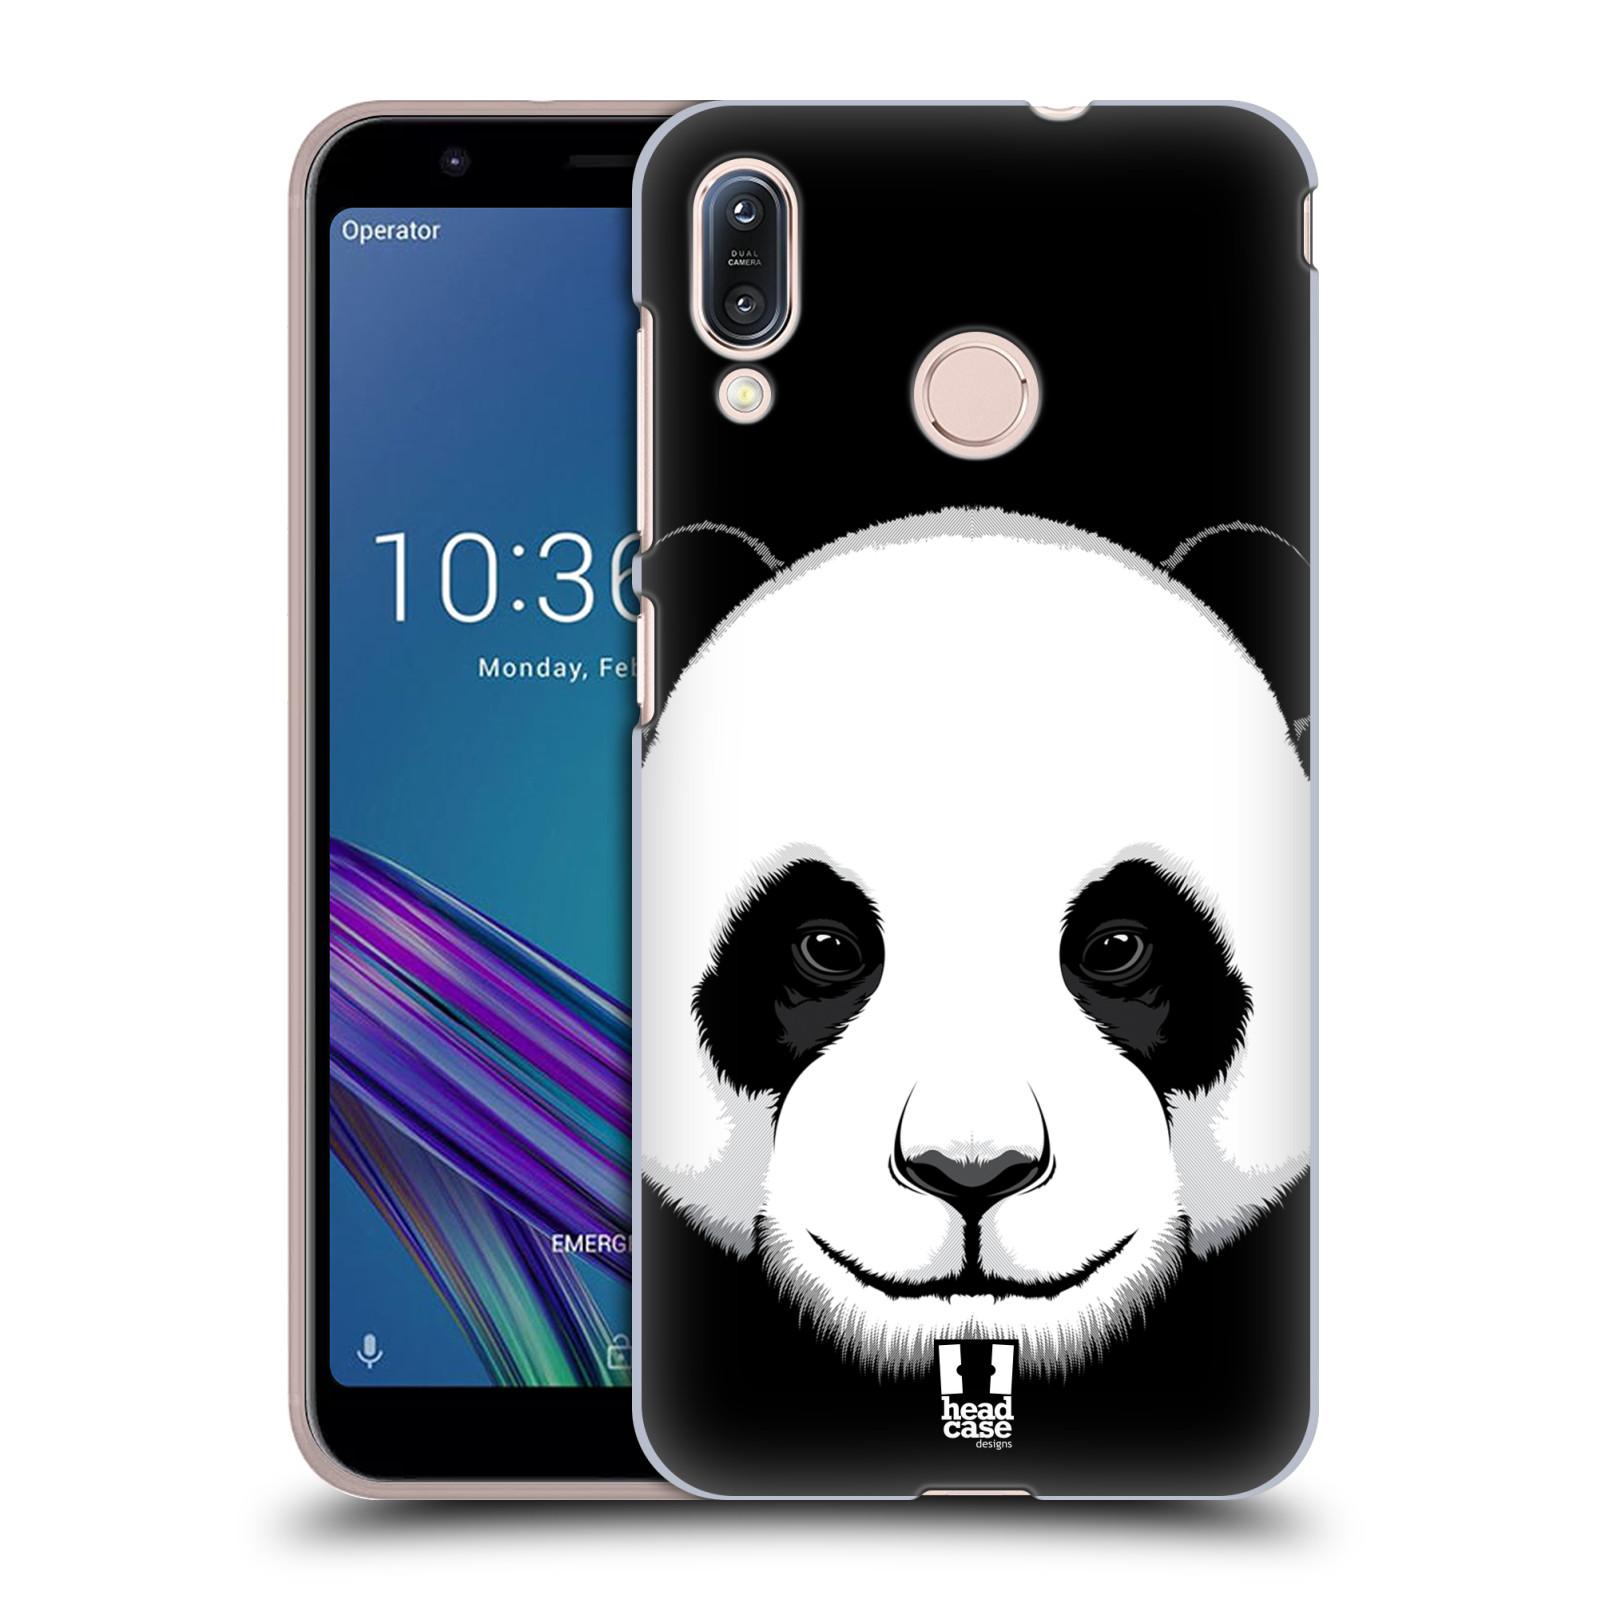 Pouzdro na mobil Asus Zenfone Max M1 (ZB555KL) - HEAD CASE - vzor Zvíře kreslená tvář panda